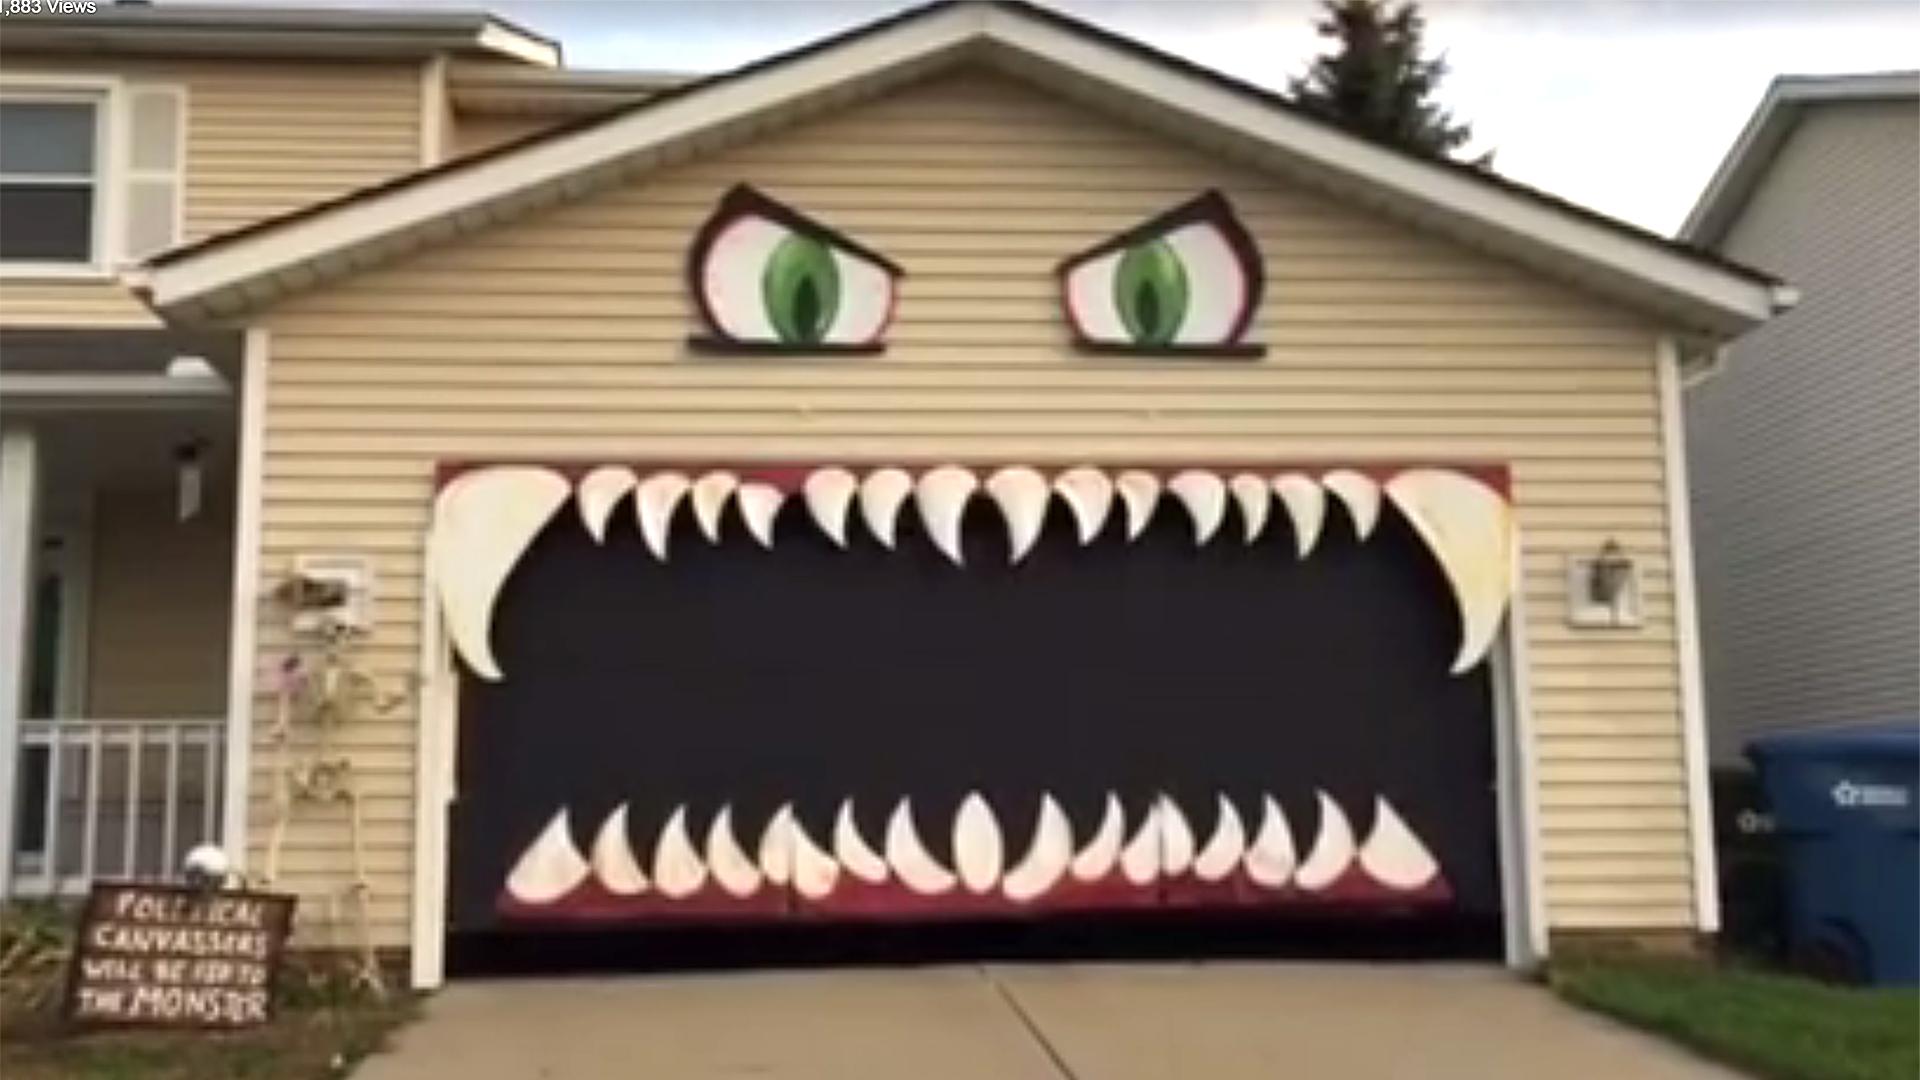 Halloween garage door decorations - People Can T Stop Watching This Halloween Monster Garage Go Up And Down Today Com